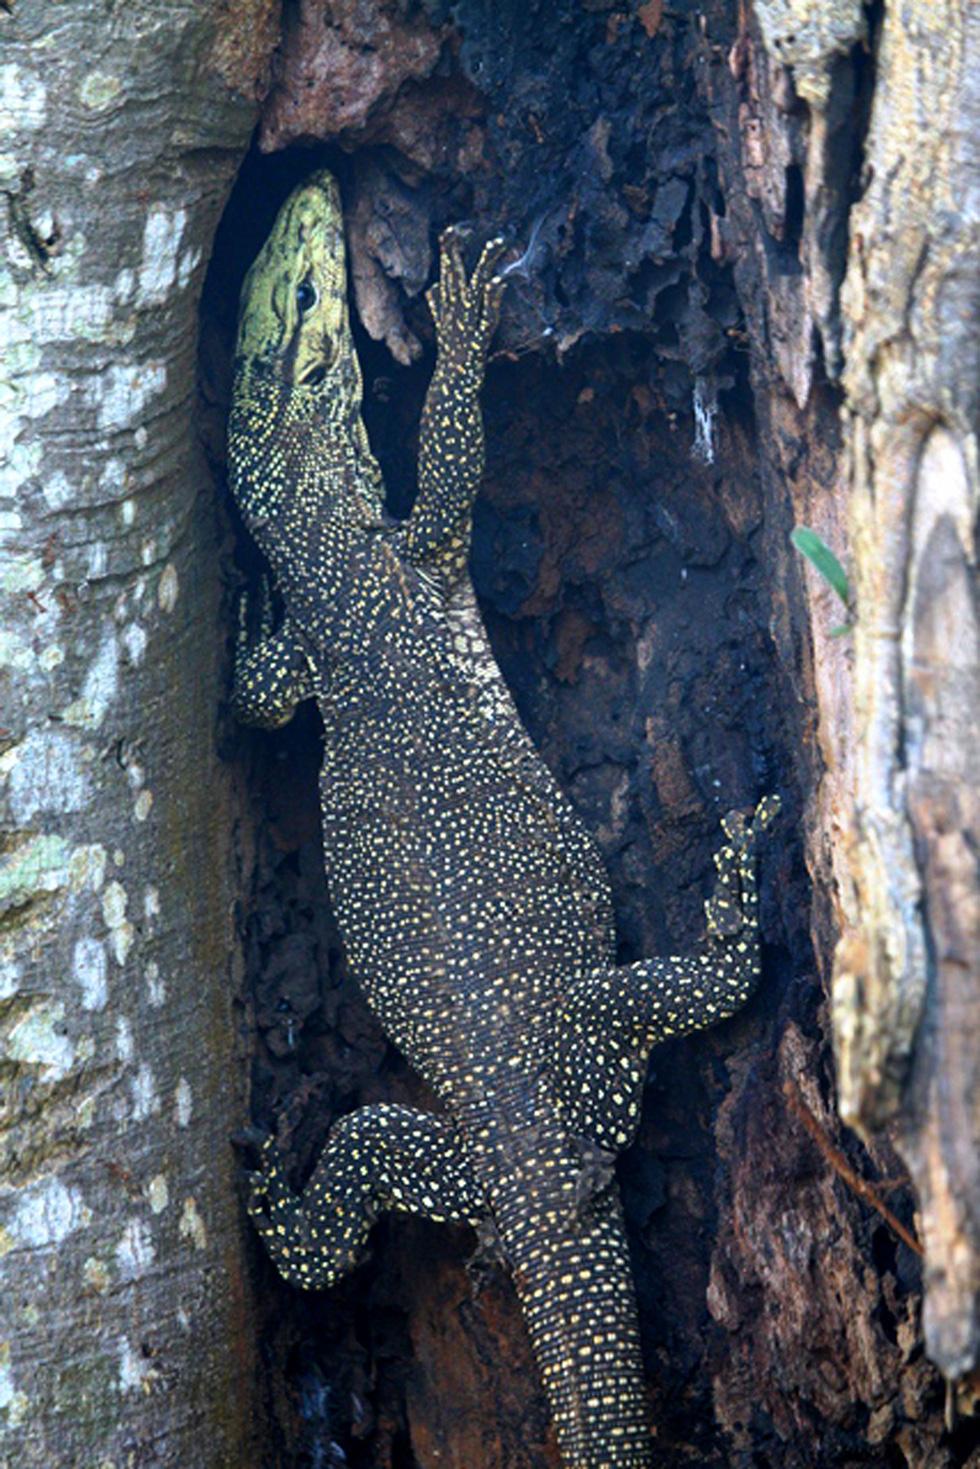 Phát hiện 86 loài quý hiếm ở Vườn quốc gia Bù Gia Mập - Ảnh 2.